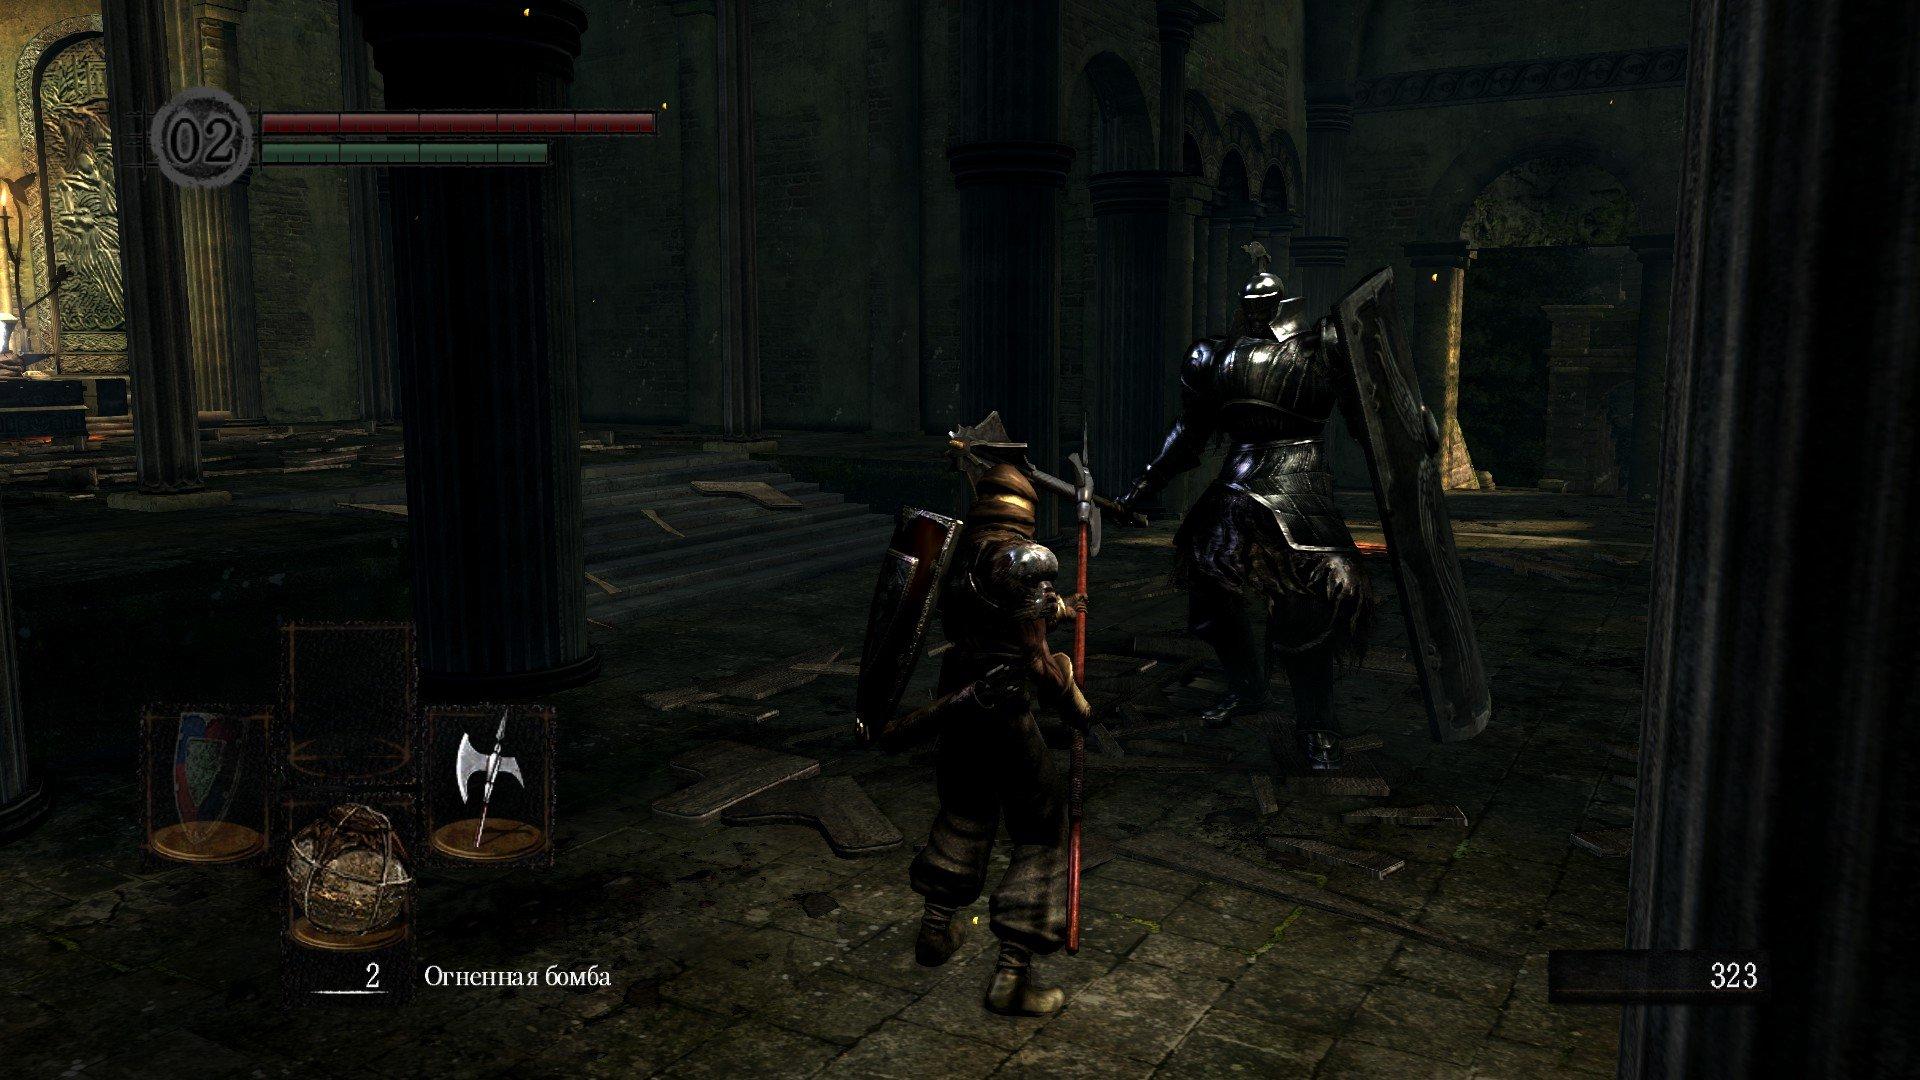 Вопль-прохождение Dark Souls часть 2 ... все в одном посте ... все еще думаю над названием!. - Изображение 2